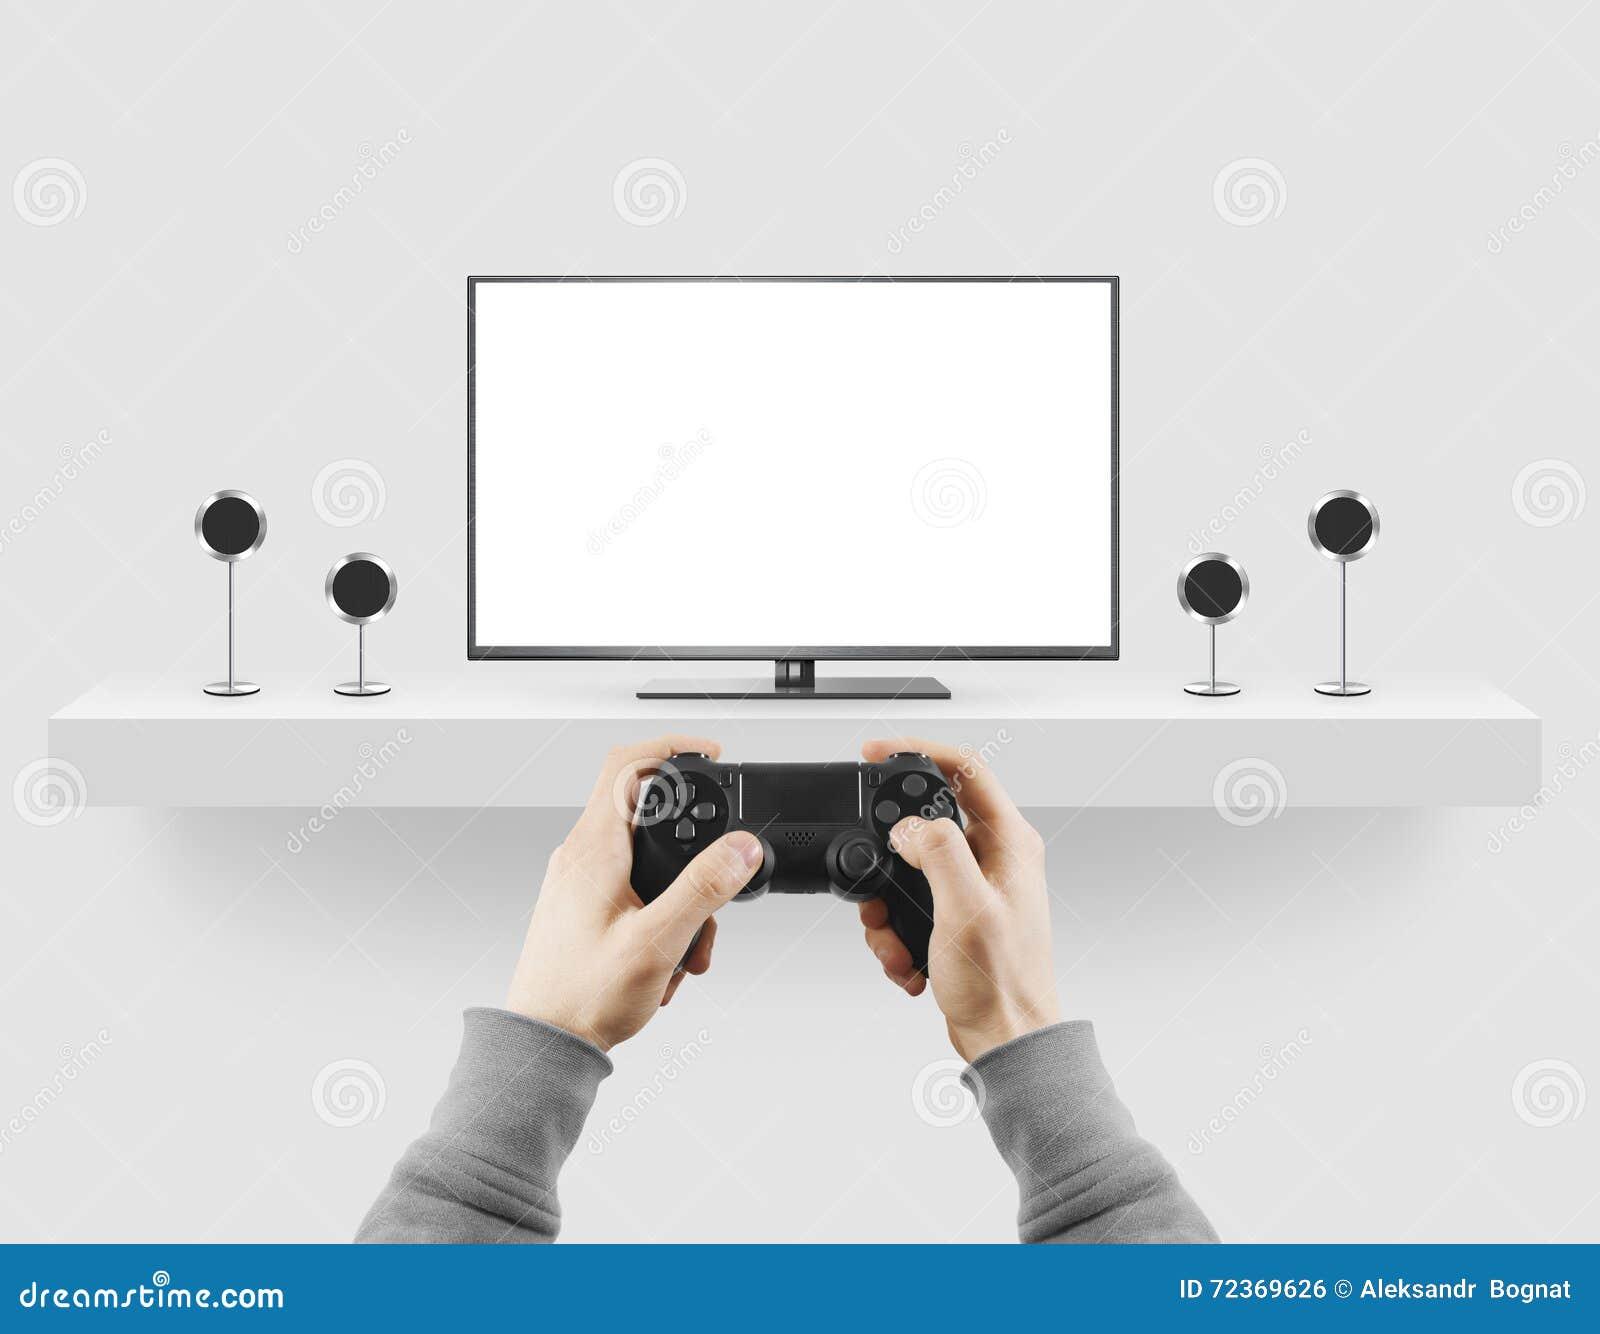 人在手空白的电视屏幕嘲笑的举行gamepad